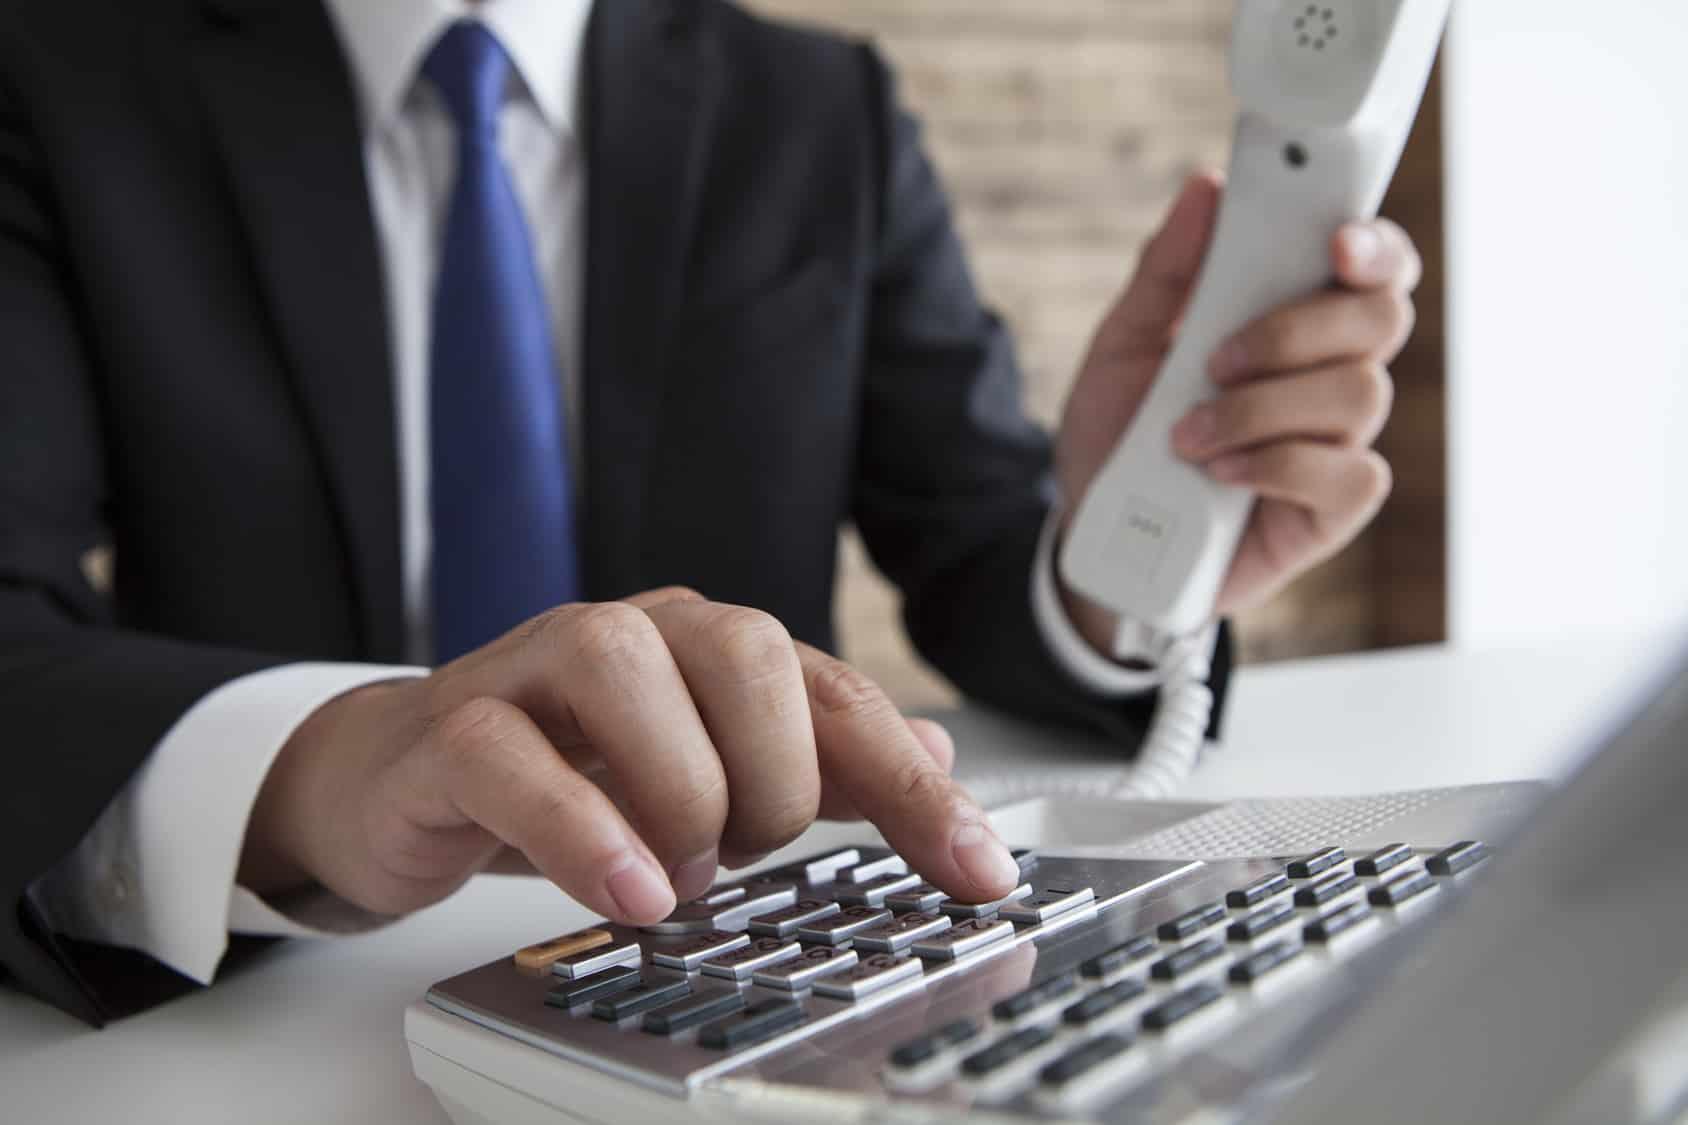 """América Móvil anunció que impugnará el plan de separación funcional de Teléfonos de México (Telmex) y Teléfonos del Noreste (Telnor), ordenado por el Instituto Federal de Telecomunucaciones, debido a que se trata de un esquema que difiere al presentado por la empresa, y los precios establecidos por el regulador para la prestación de servicios son """"substancialmente"""" más bajos que los referentes internacionales."""